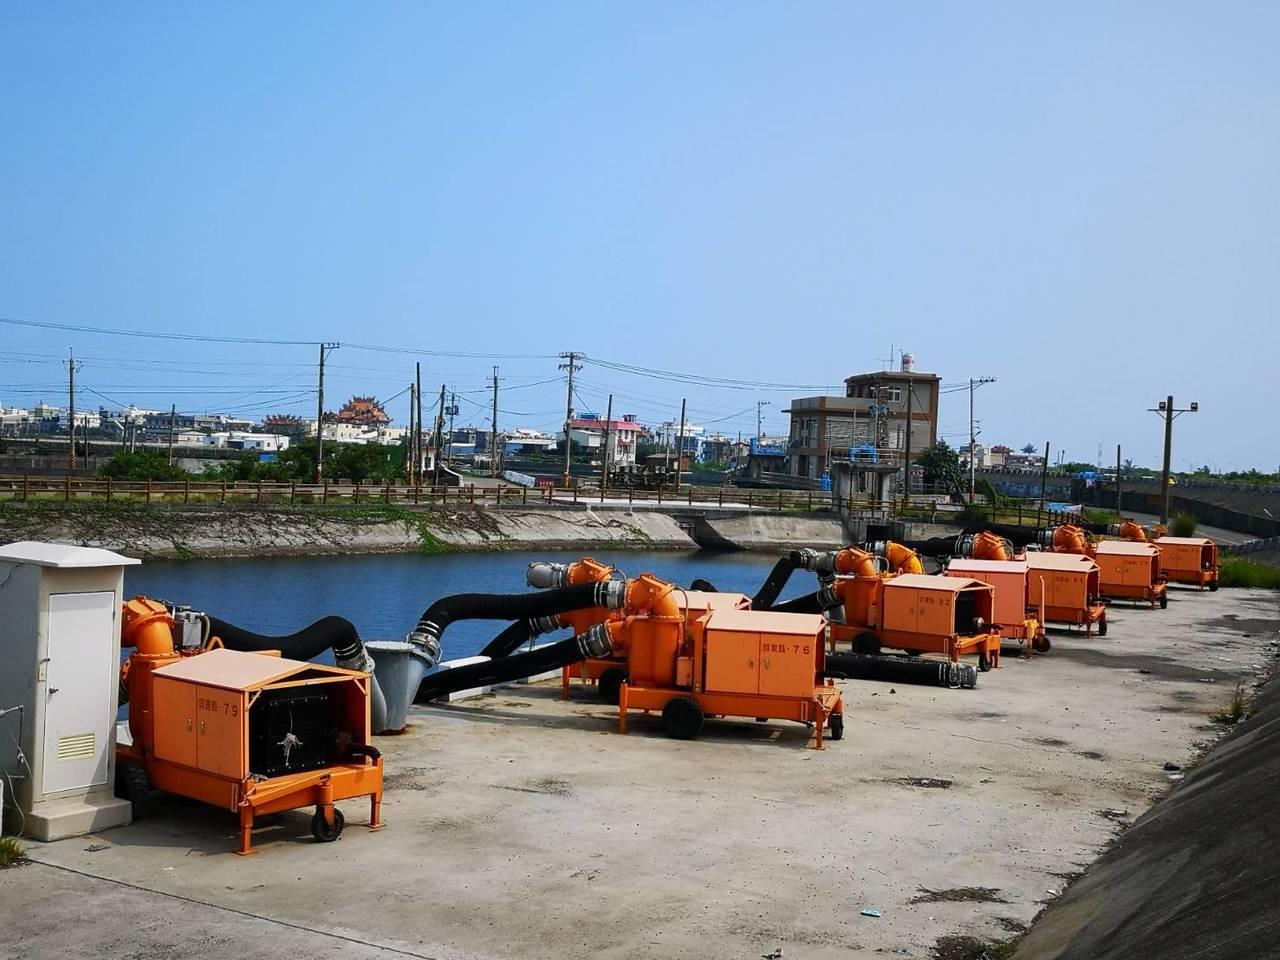 丹娜斯颱風進逼,屏東縣災害應變中心二級開設,目前也已調派移動式抽水站,設置在易淹...